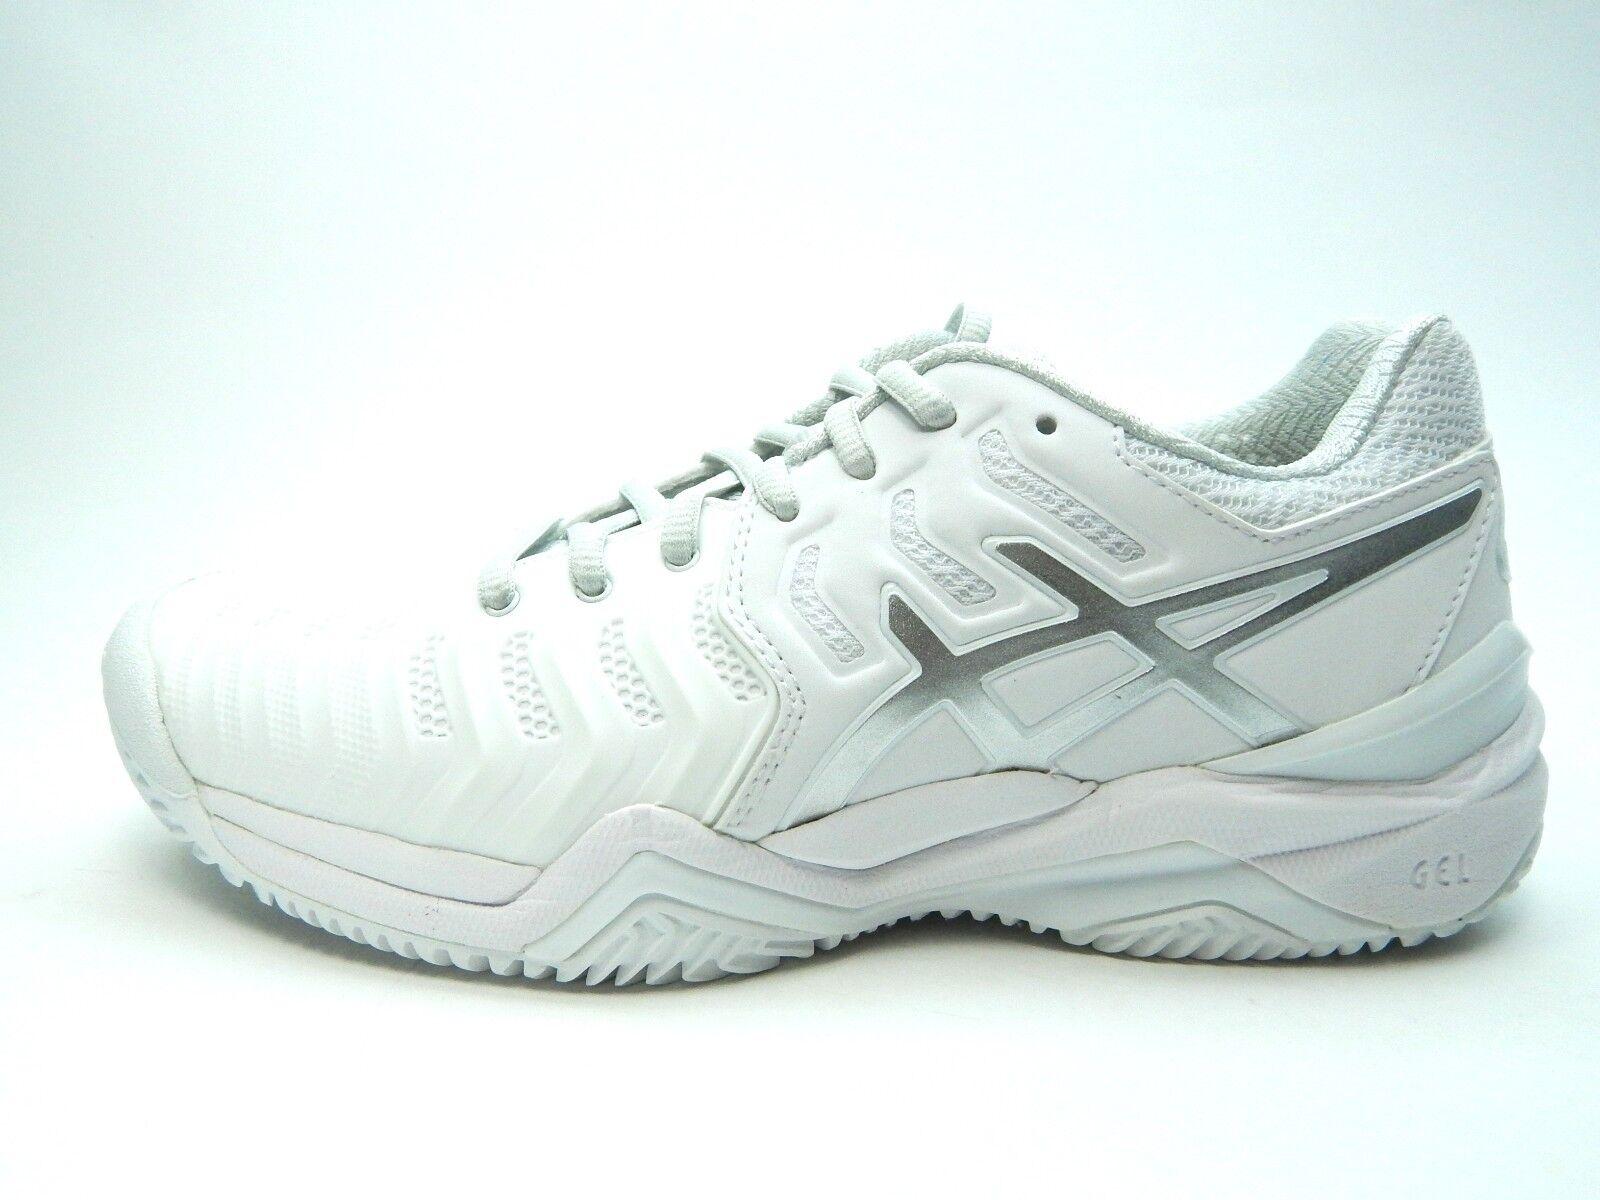 Ascis zapatos resolución 7 Clay E752Y 0193 Blanco Plata Mujeres zapatos Ascis 2fa73a